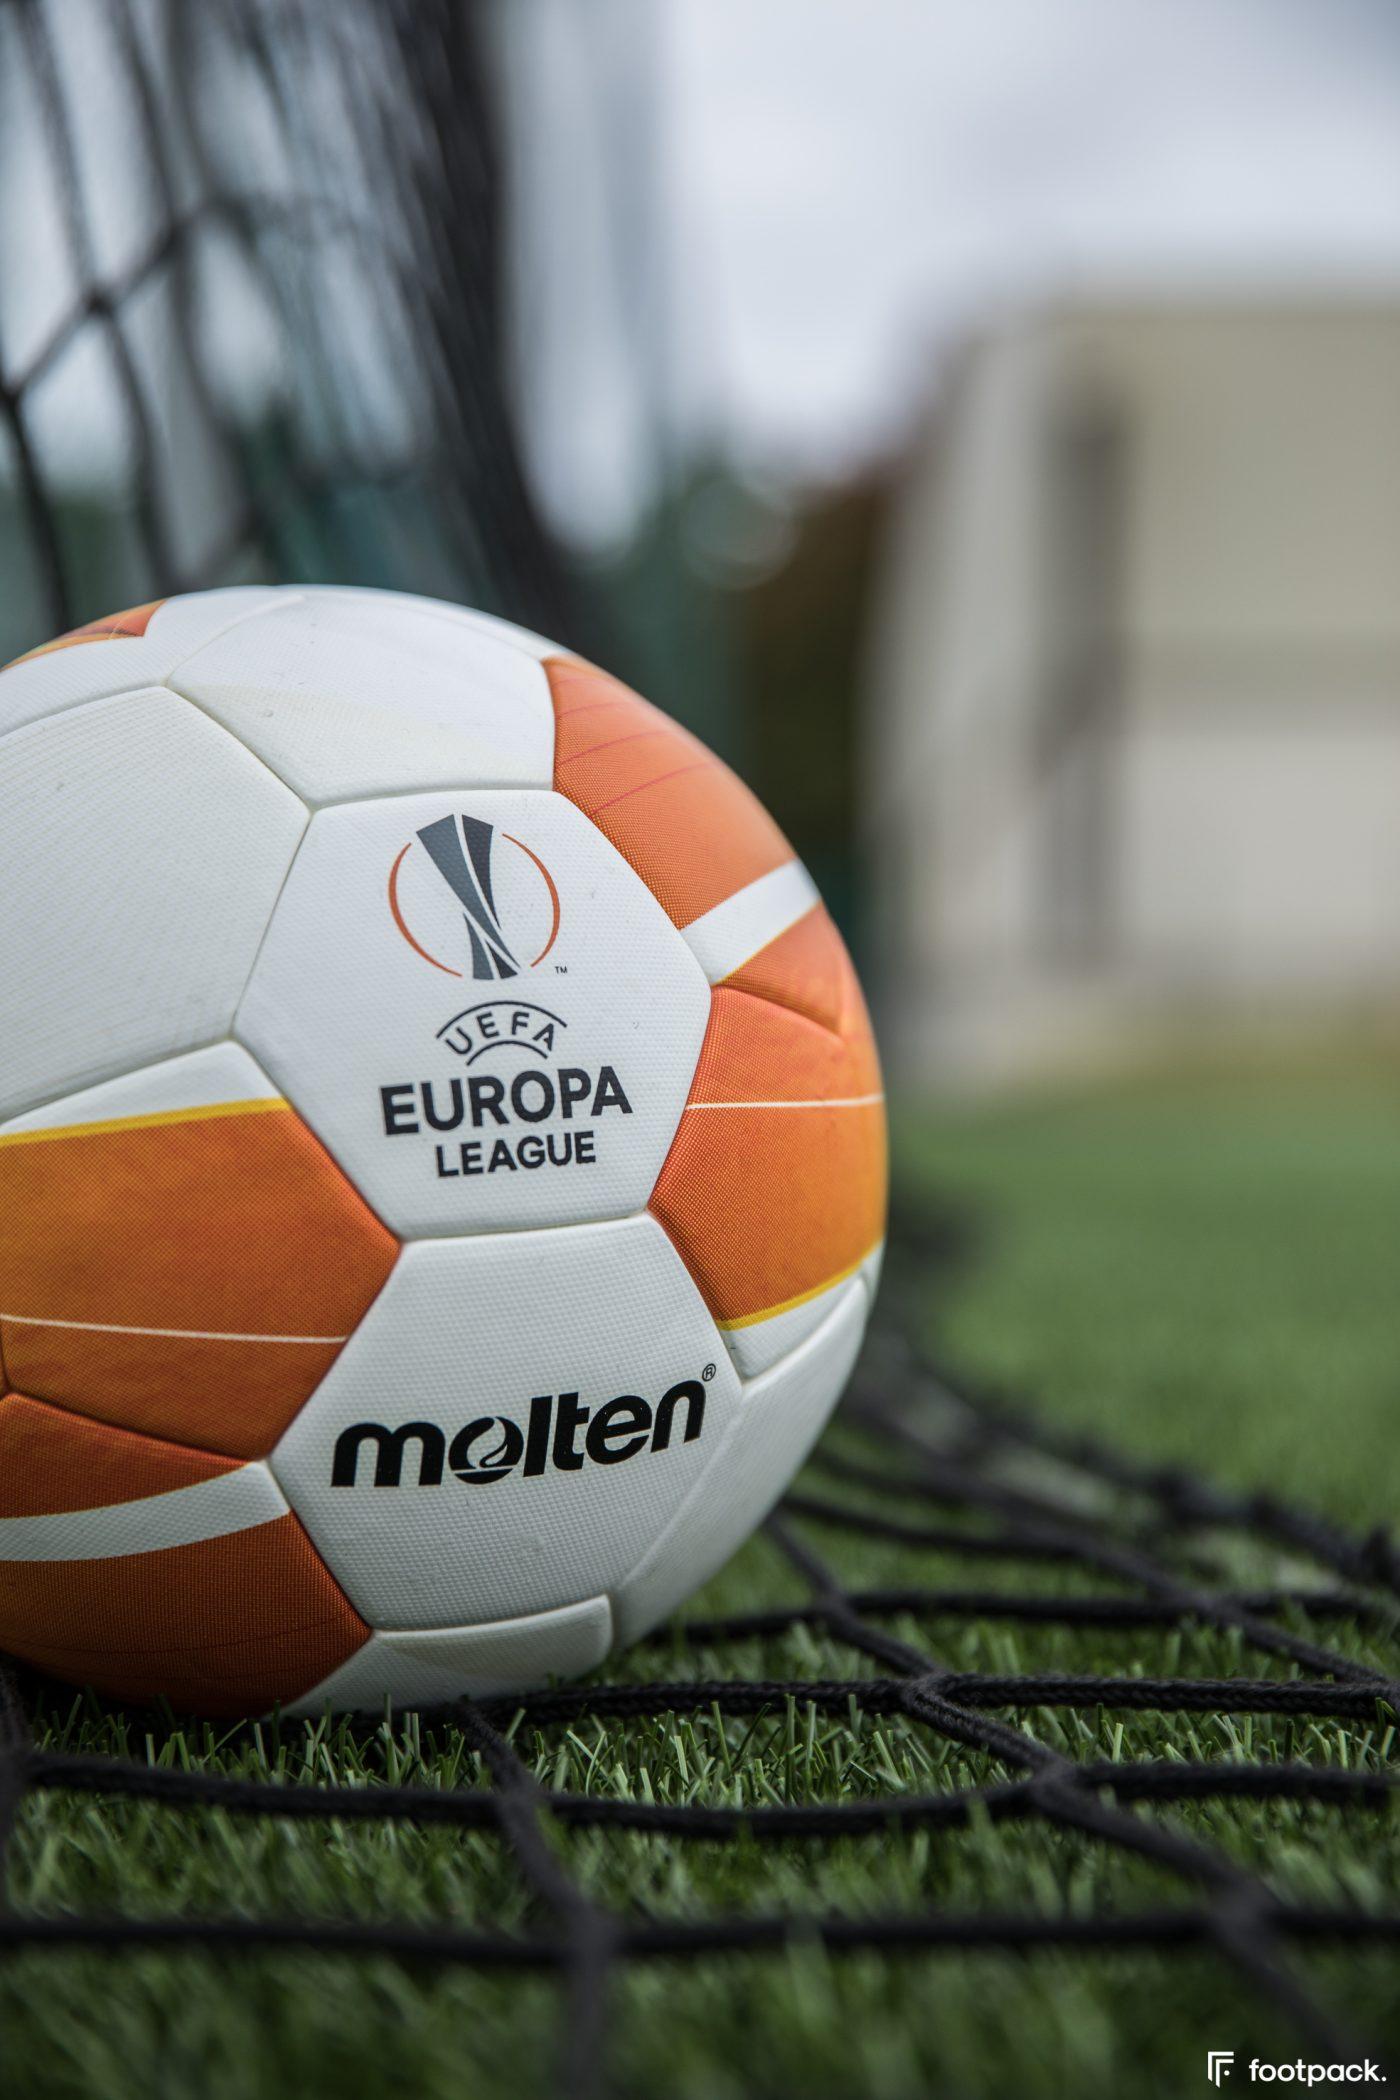 molten-europa-league-conference-league-1